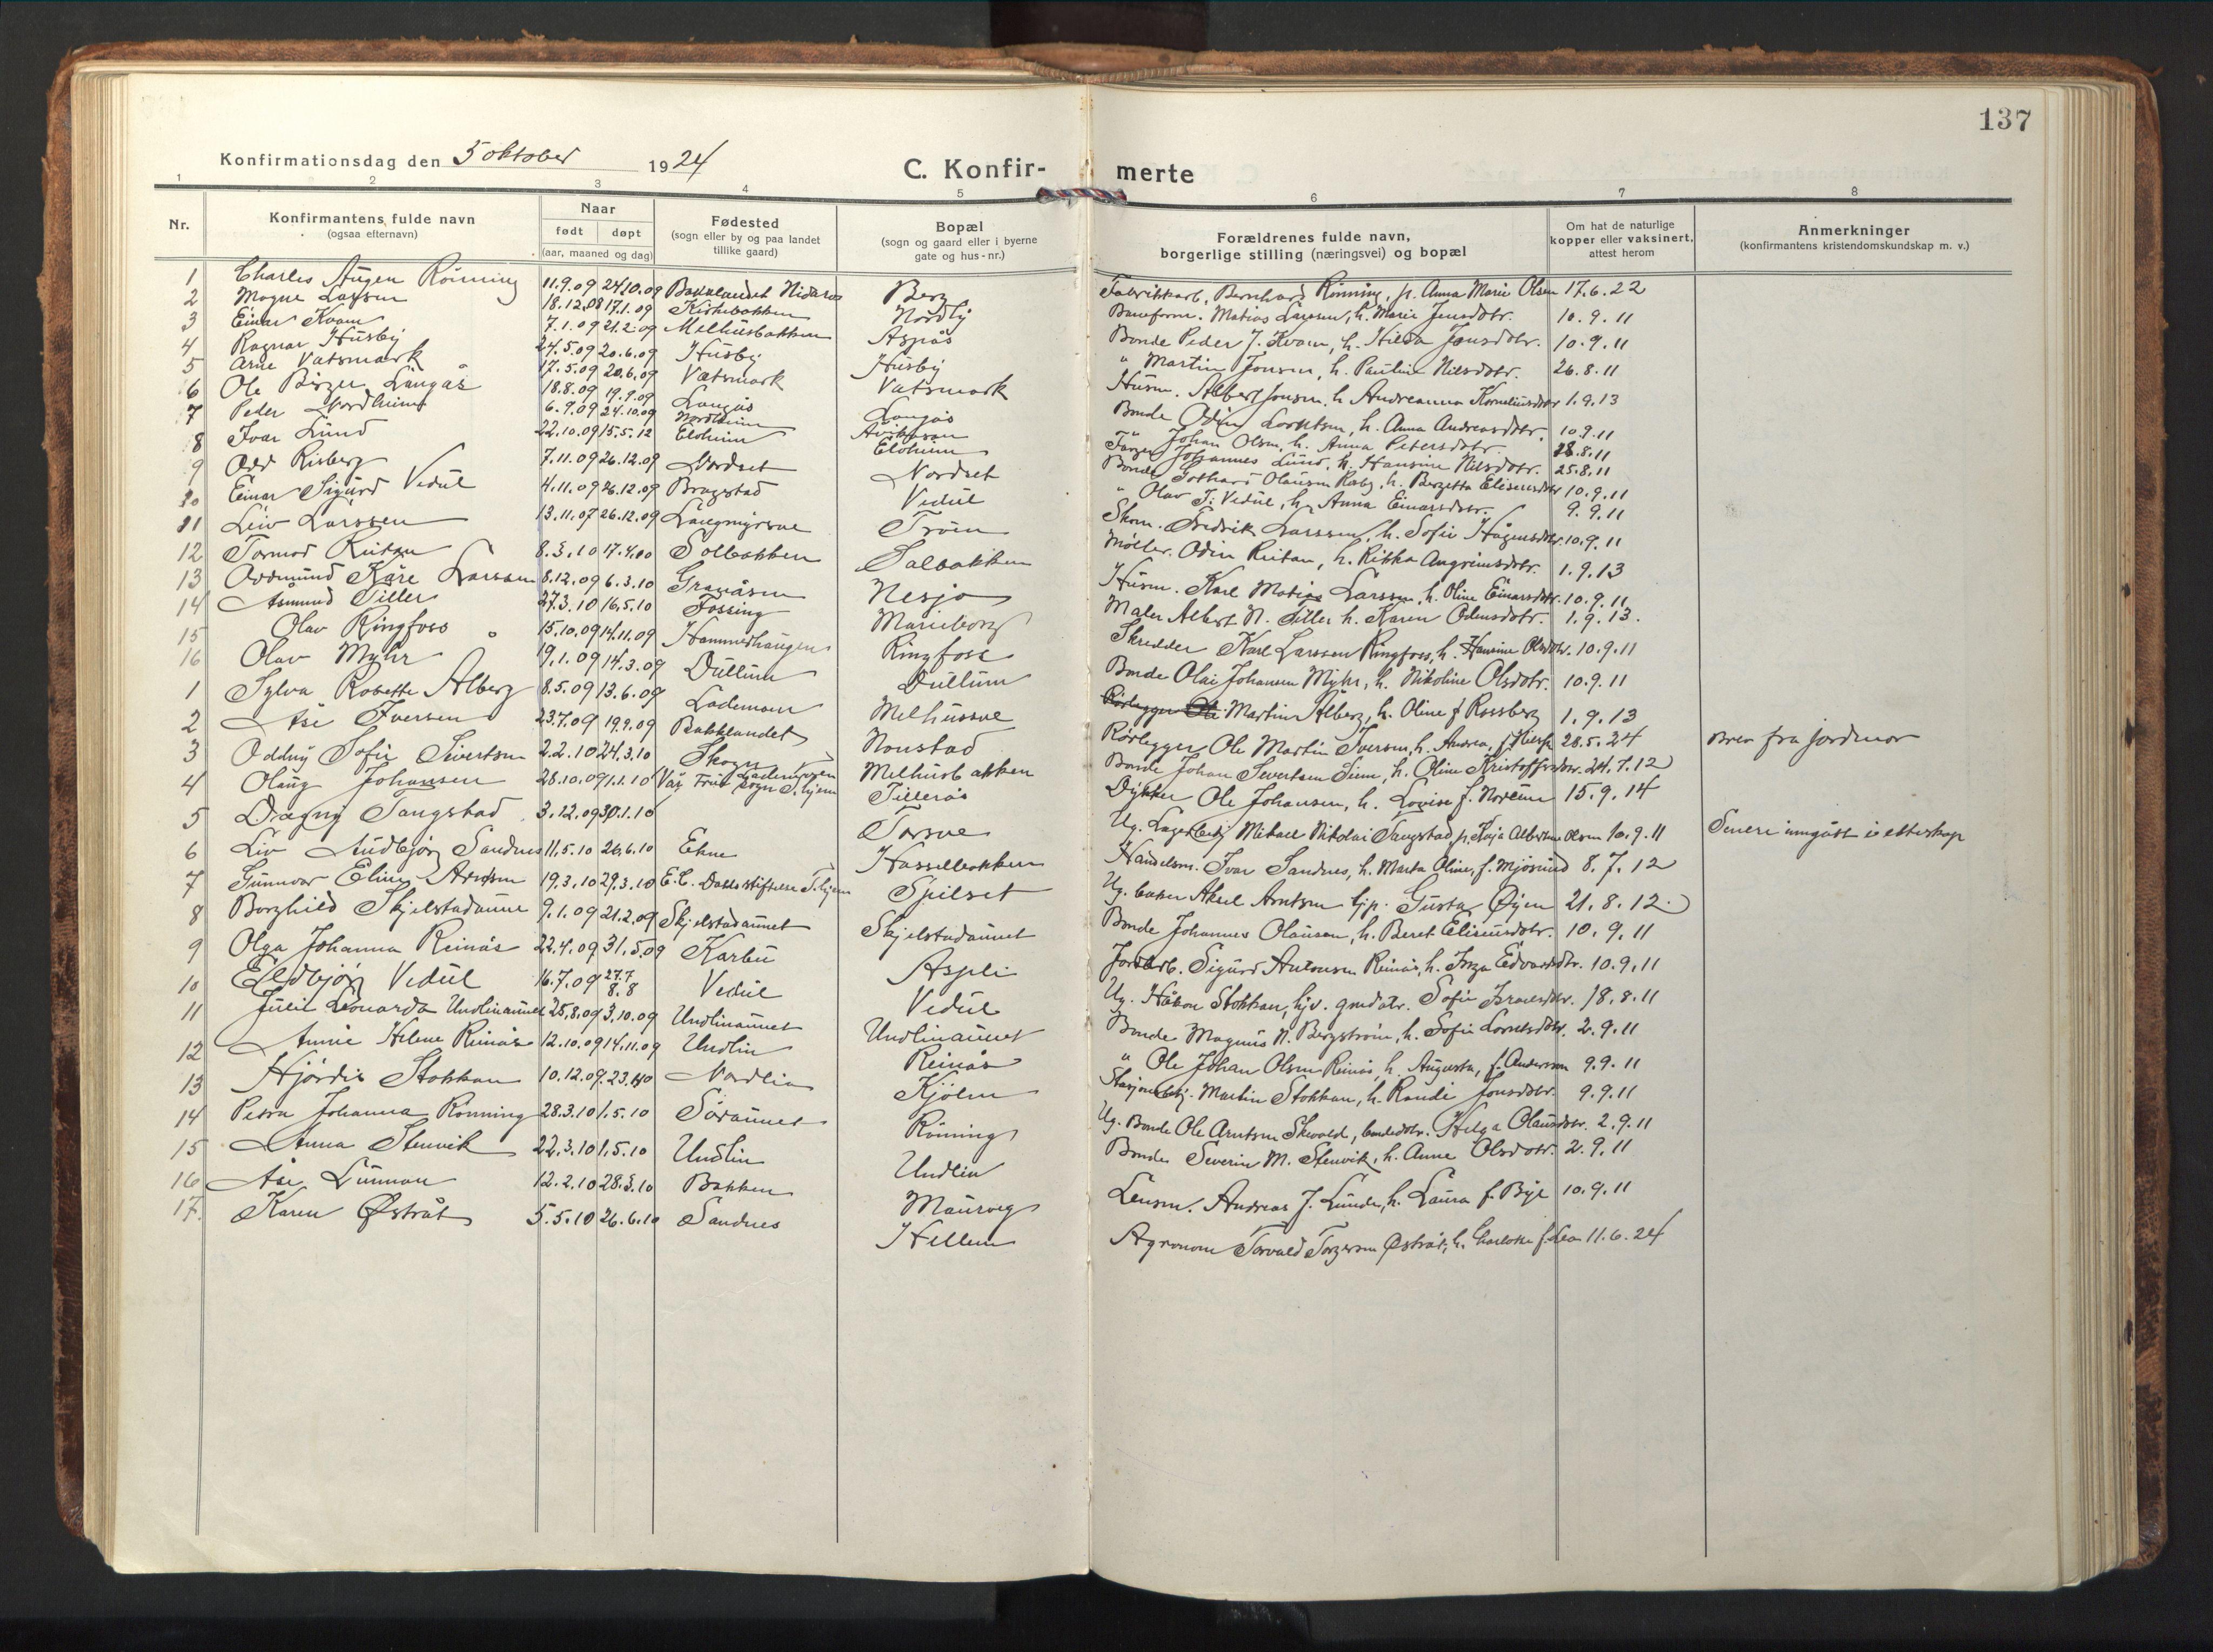 SAT, Ministerialprotokoller, klokkerbøker og fødselsregistre - Nord-Trøndelag, 714/L0136: Klokkerbok nr. 714C05, 1918-1957, s. 137